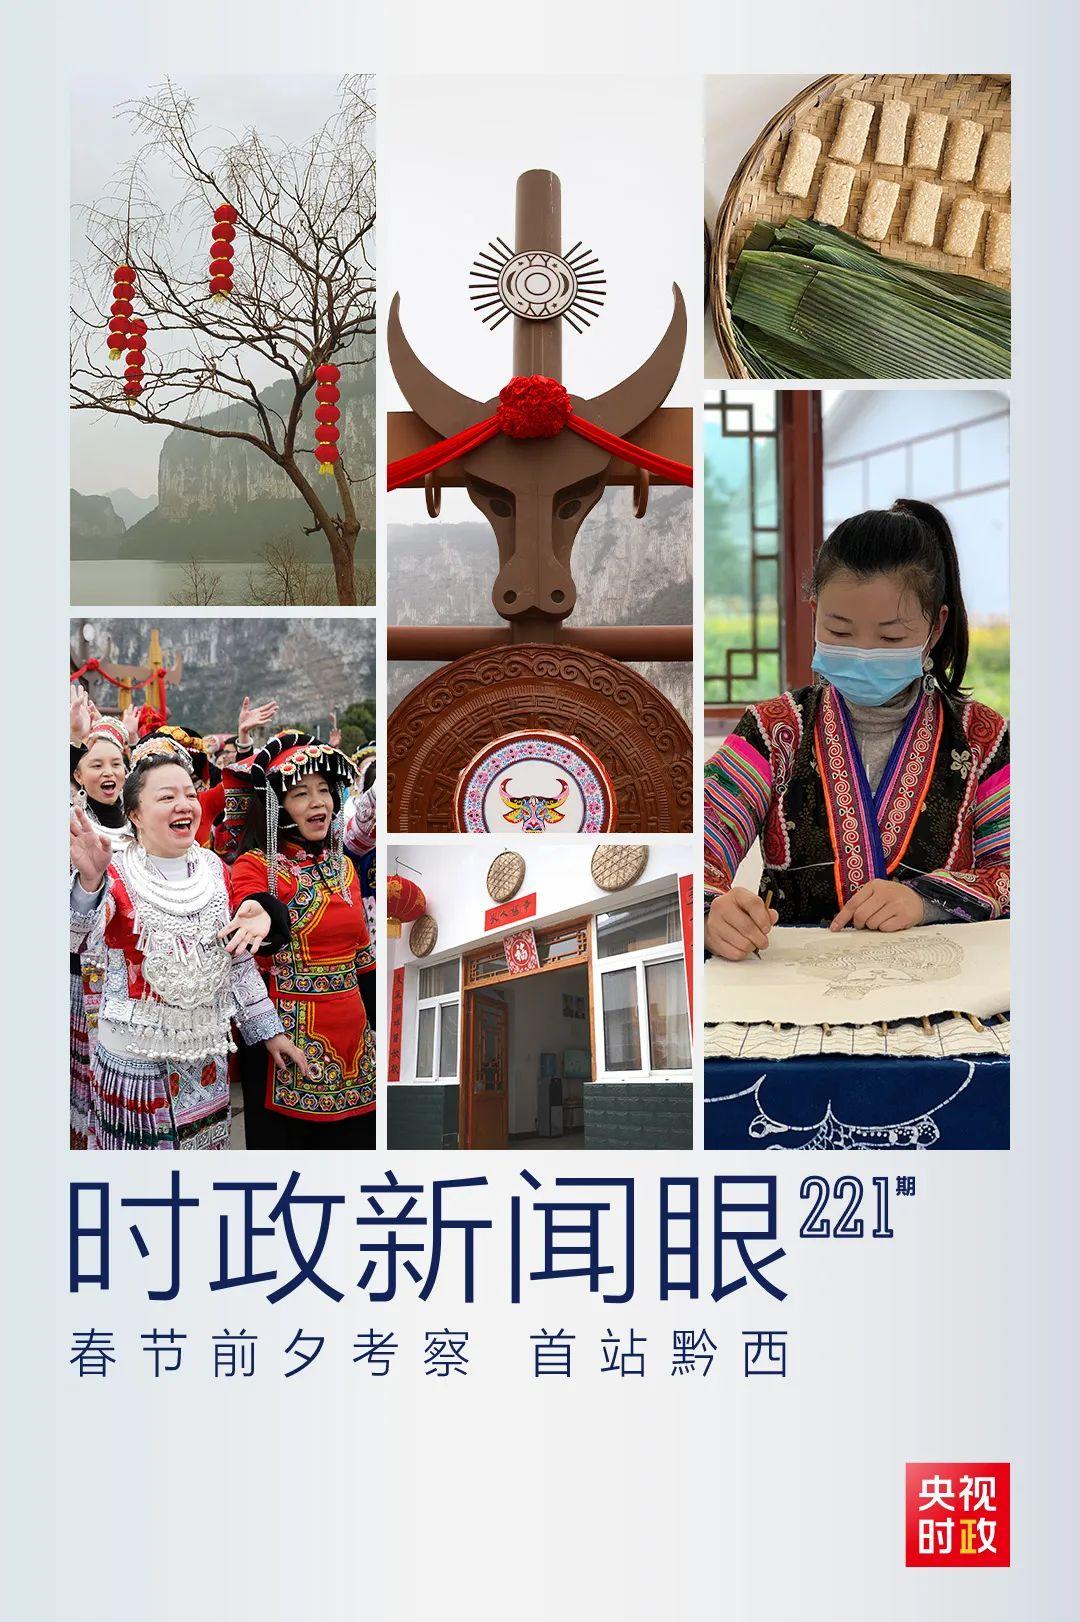 第9次春节前夕考察,习近平首站来到这个黔西苗寨图片